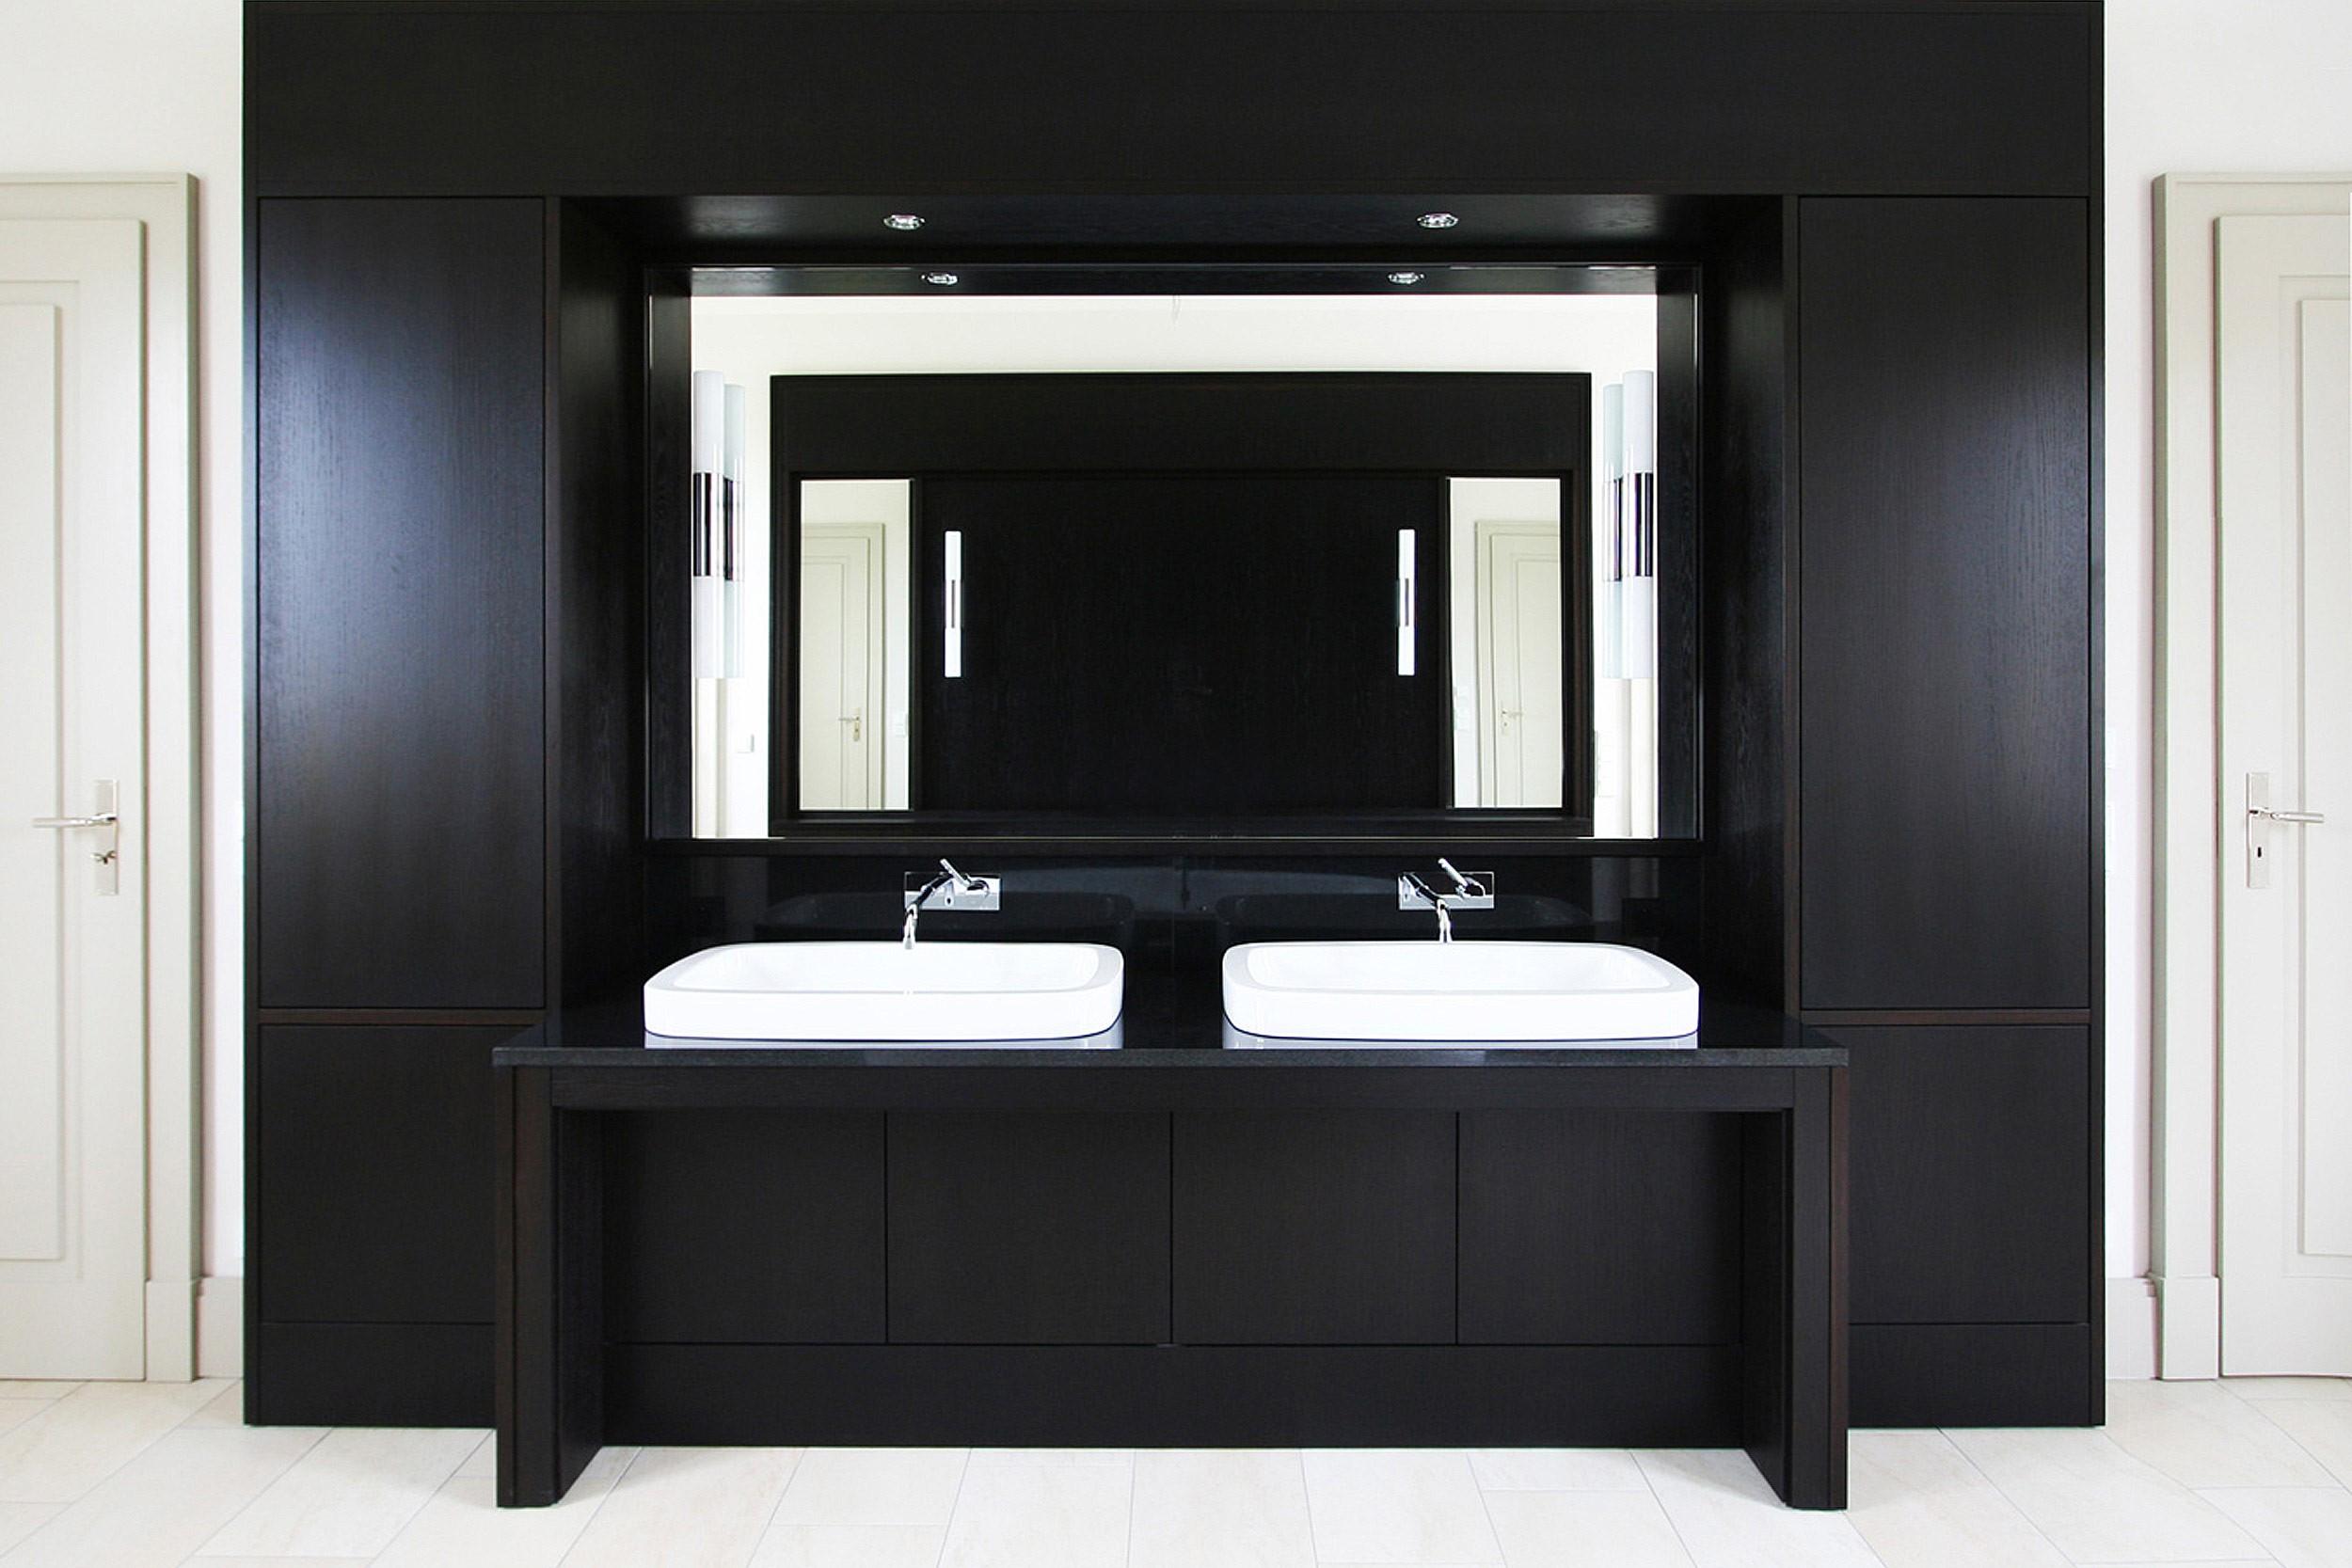 KLASSIK UND TRADITION - Neubau klassizistische Villa - Die weißen Waschtische wurden in ein Schrankmöbel aus dunkler Eiche eingebaut.